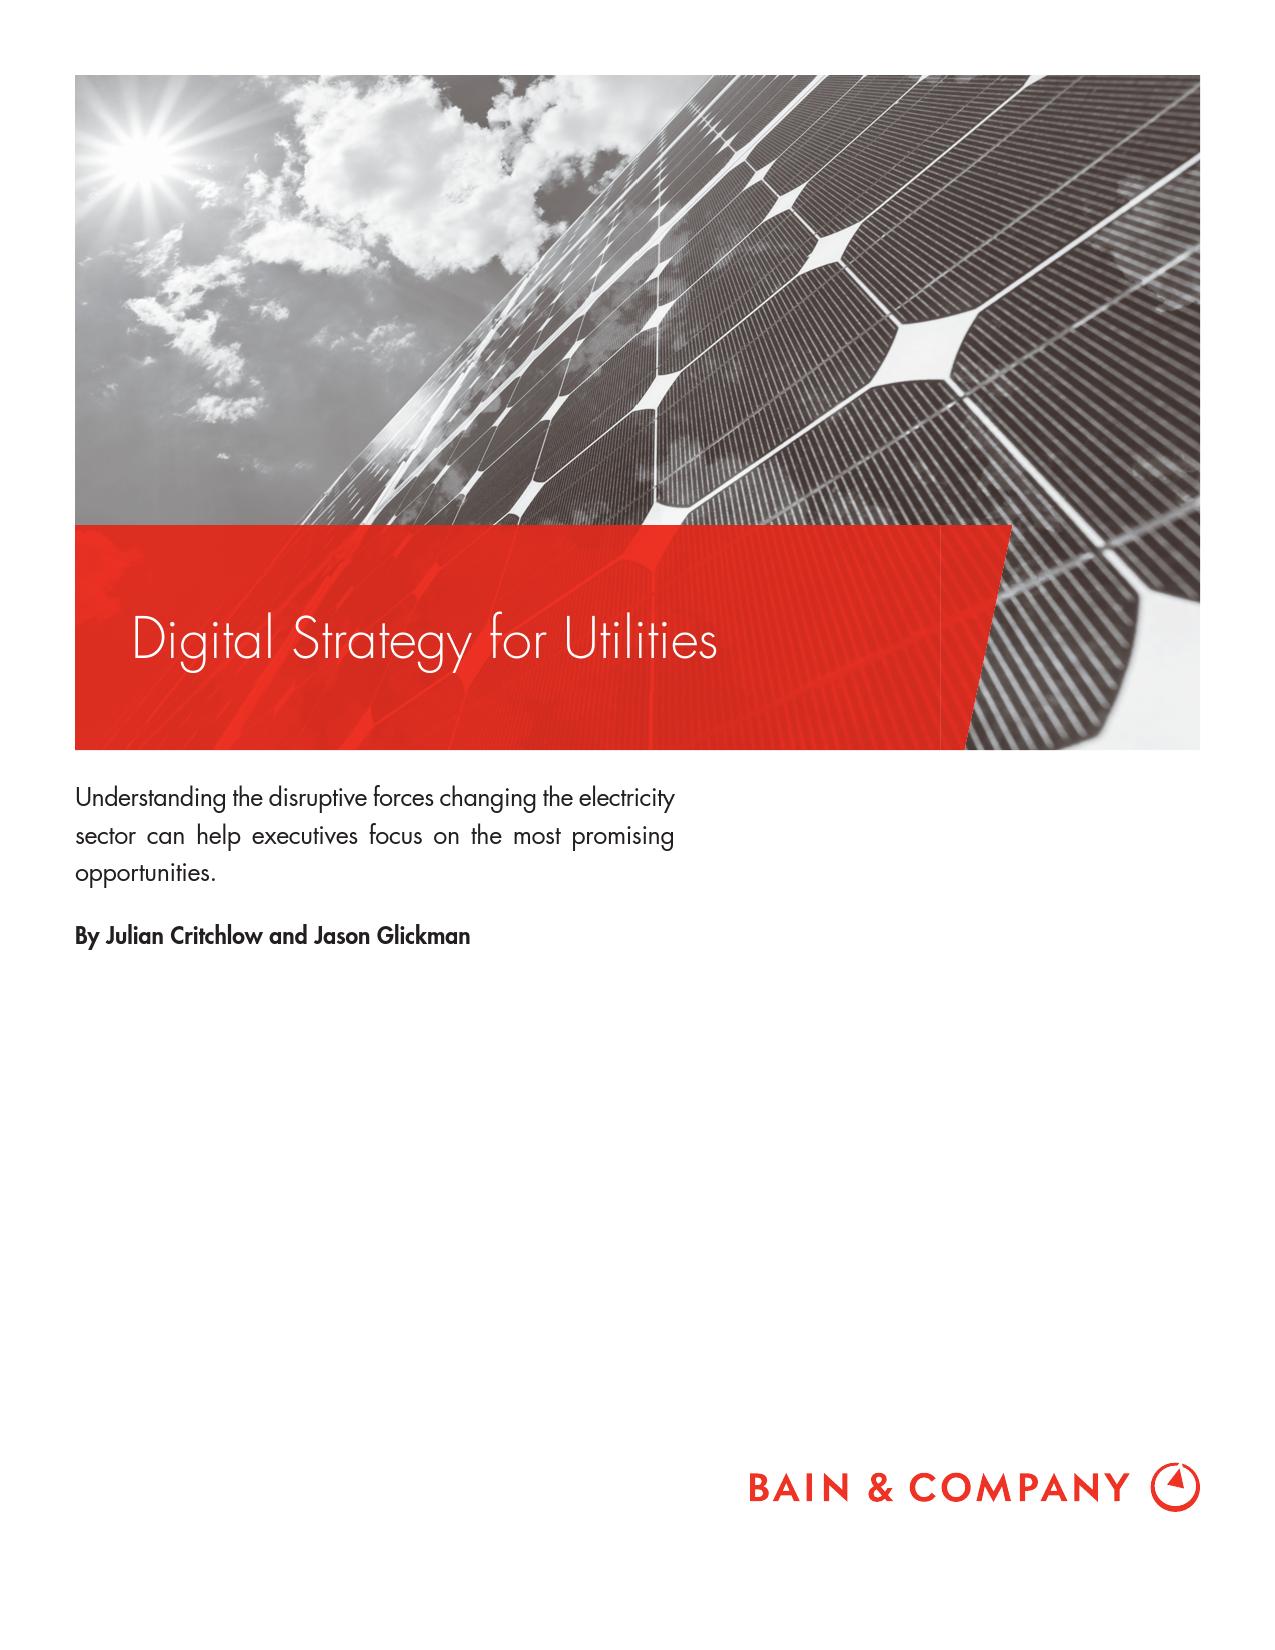 贝恩咨询:公共事业的数字化战略(附下载)